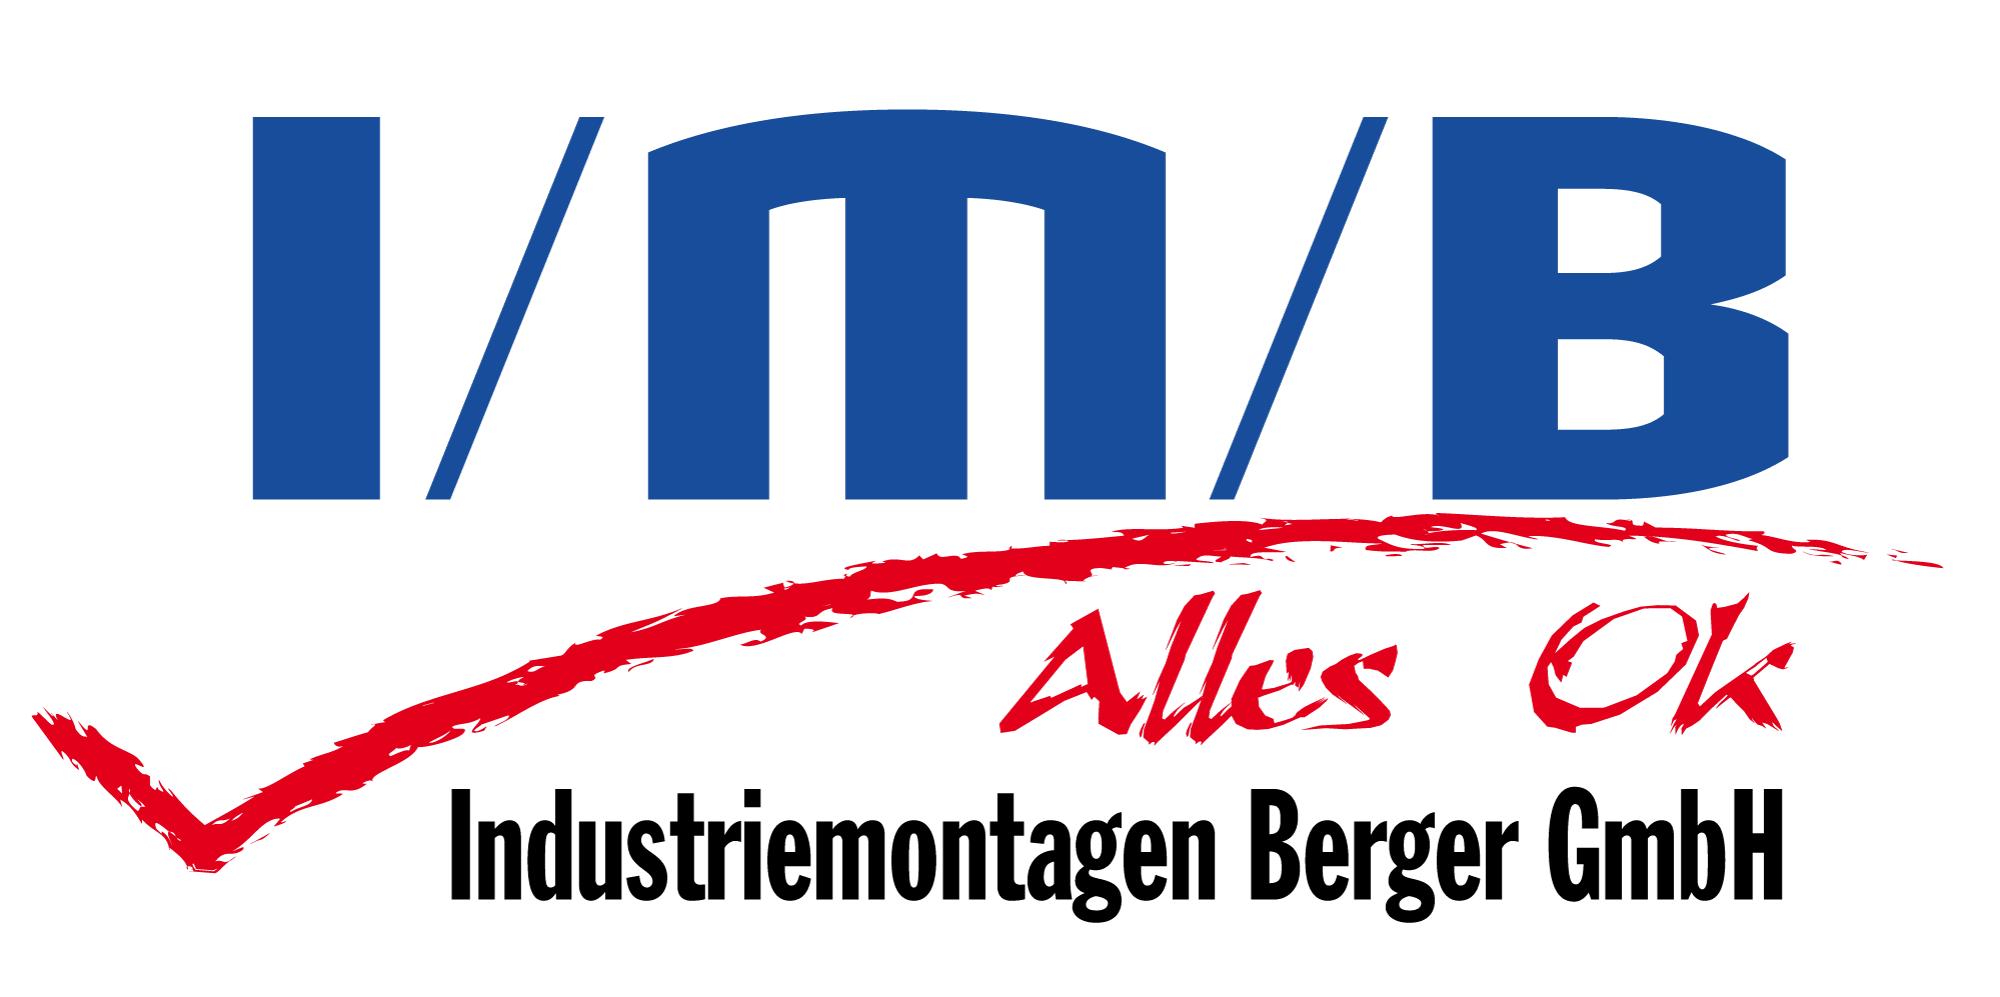 IMB - Industriemontagen Berger GesmbH